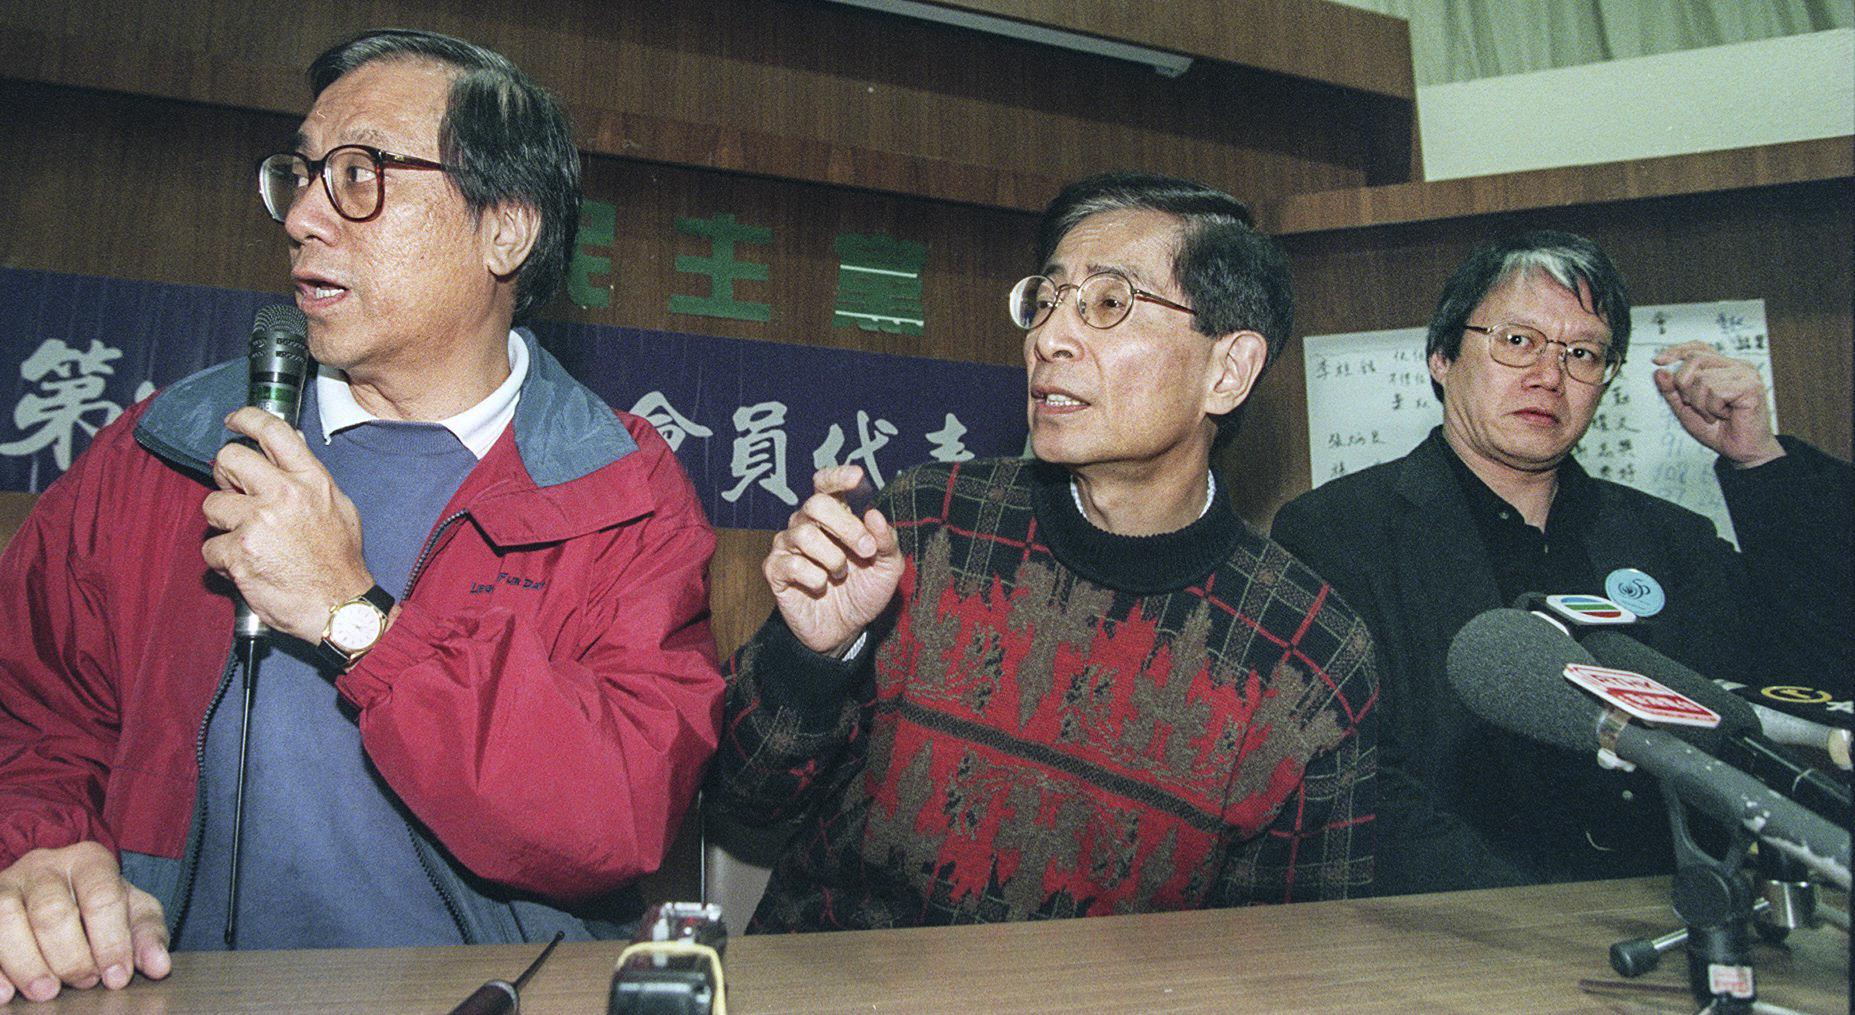 很多居民運動的組織者都在80年代中後期勝選後,成為90年代民主運動的領袖,比如較多港人熟悉的楊森、李永達、張文光、劉千石等。